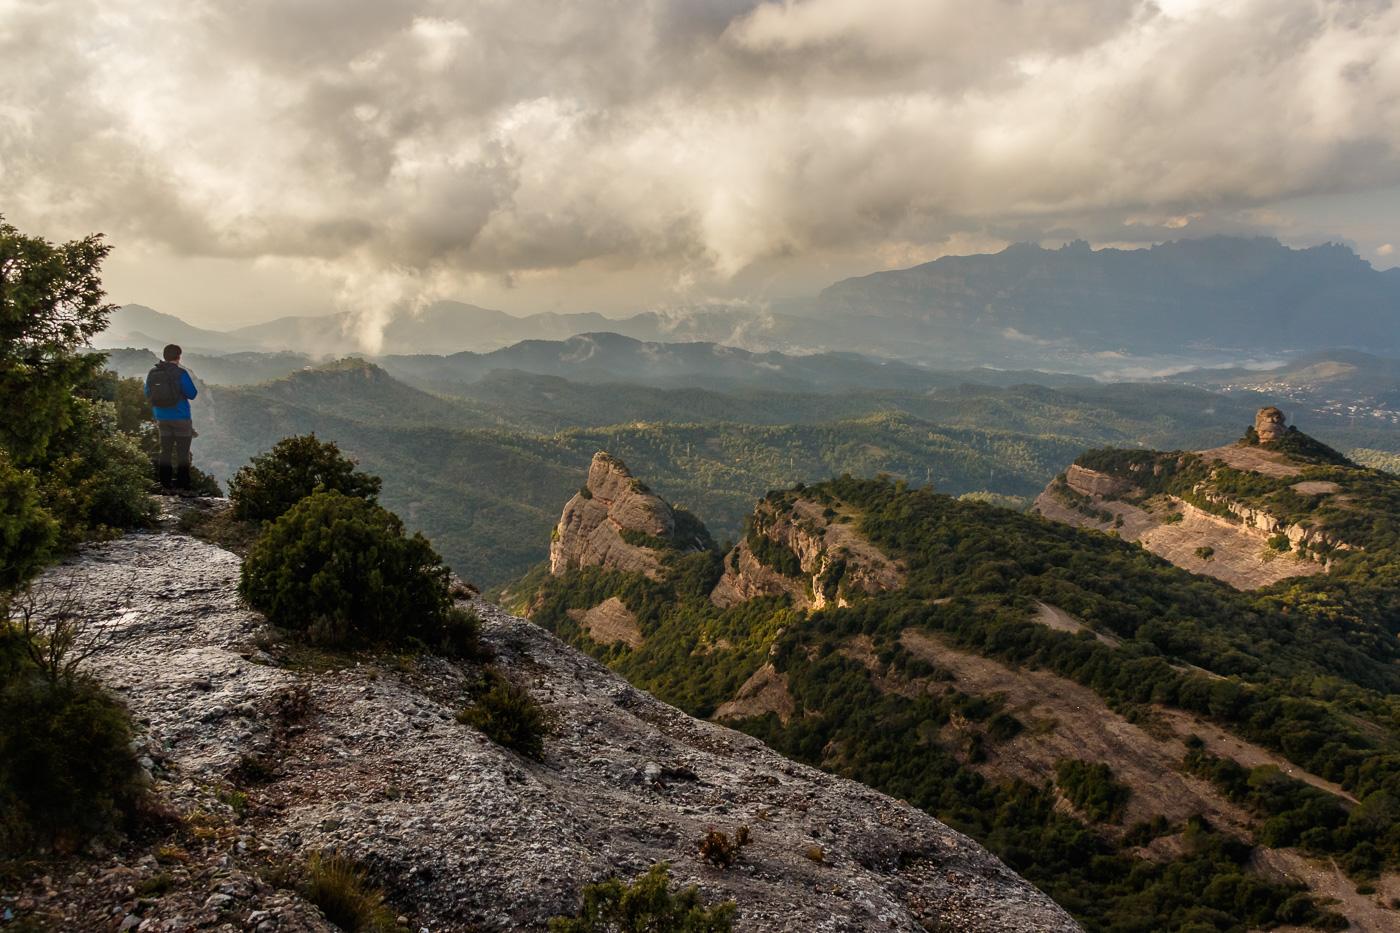 Apocalipsis? - Fotografies de paisatges - Raül Carmona - Fotografia, Fotografia d'estudi, esdeveniments i Natura